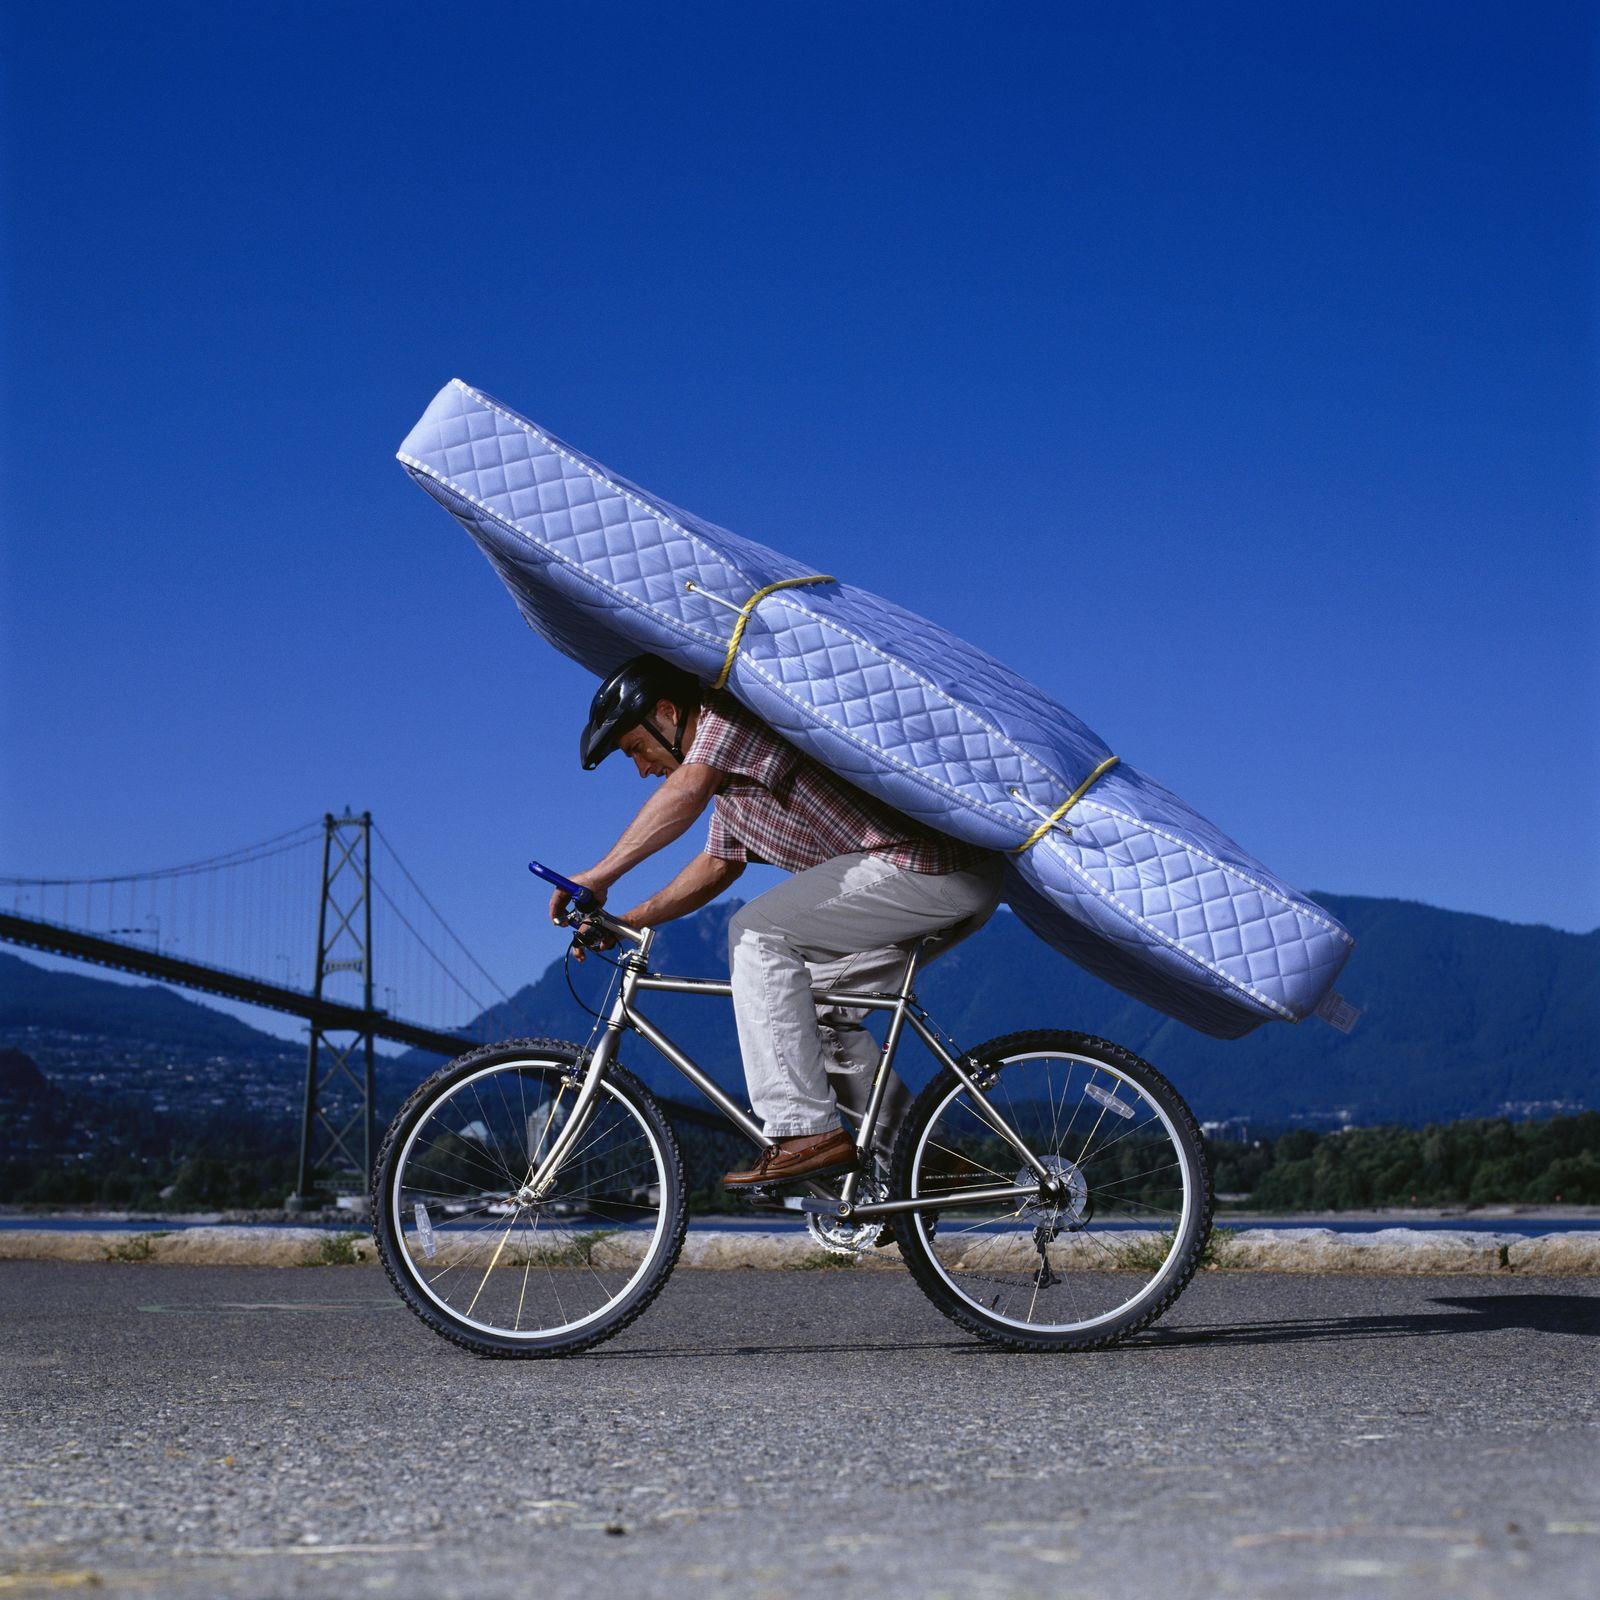 NICHT MEHR VERWENDEN! - Burnout / Last / Stress / Fahrrad